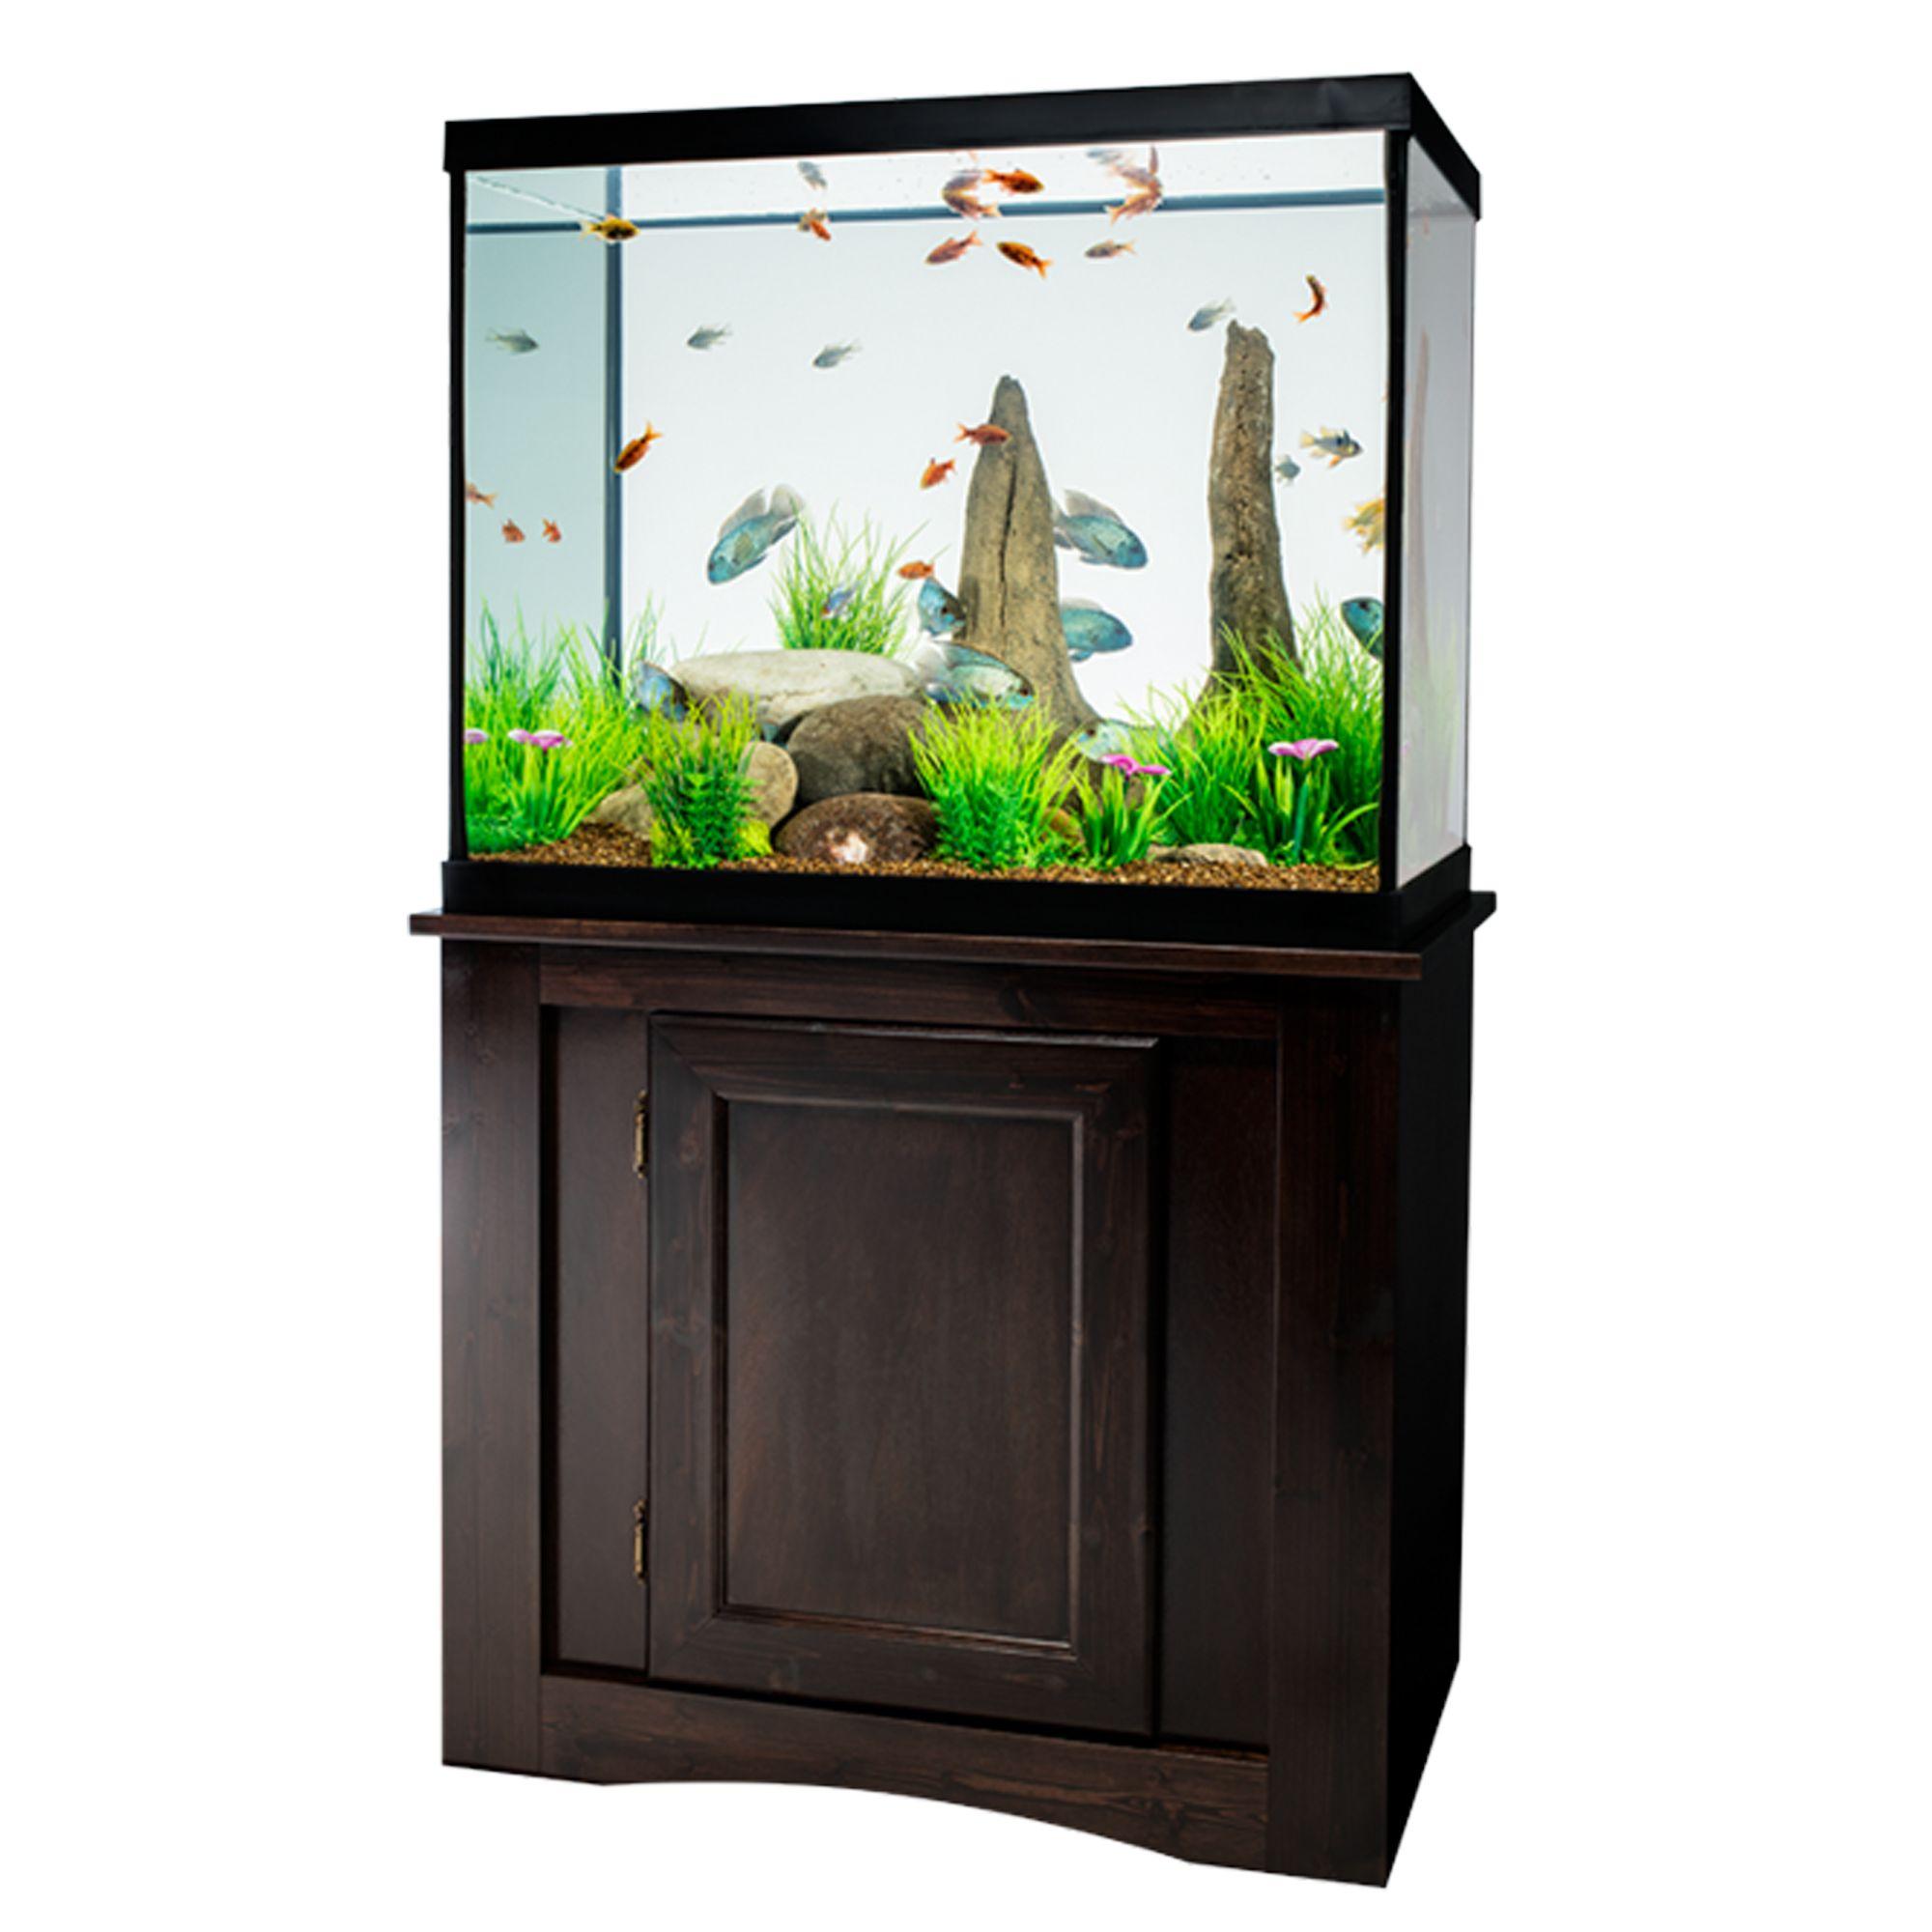 Marineland usa for 55 gallon fish tank petsmart